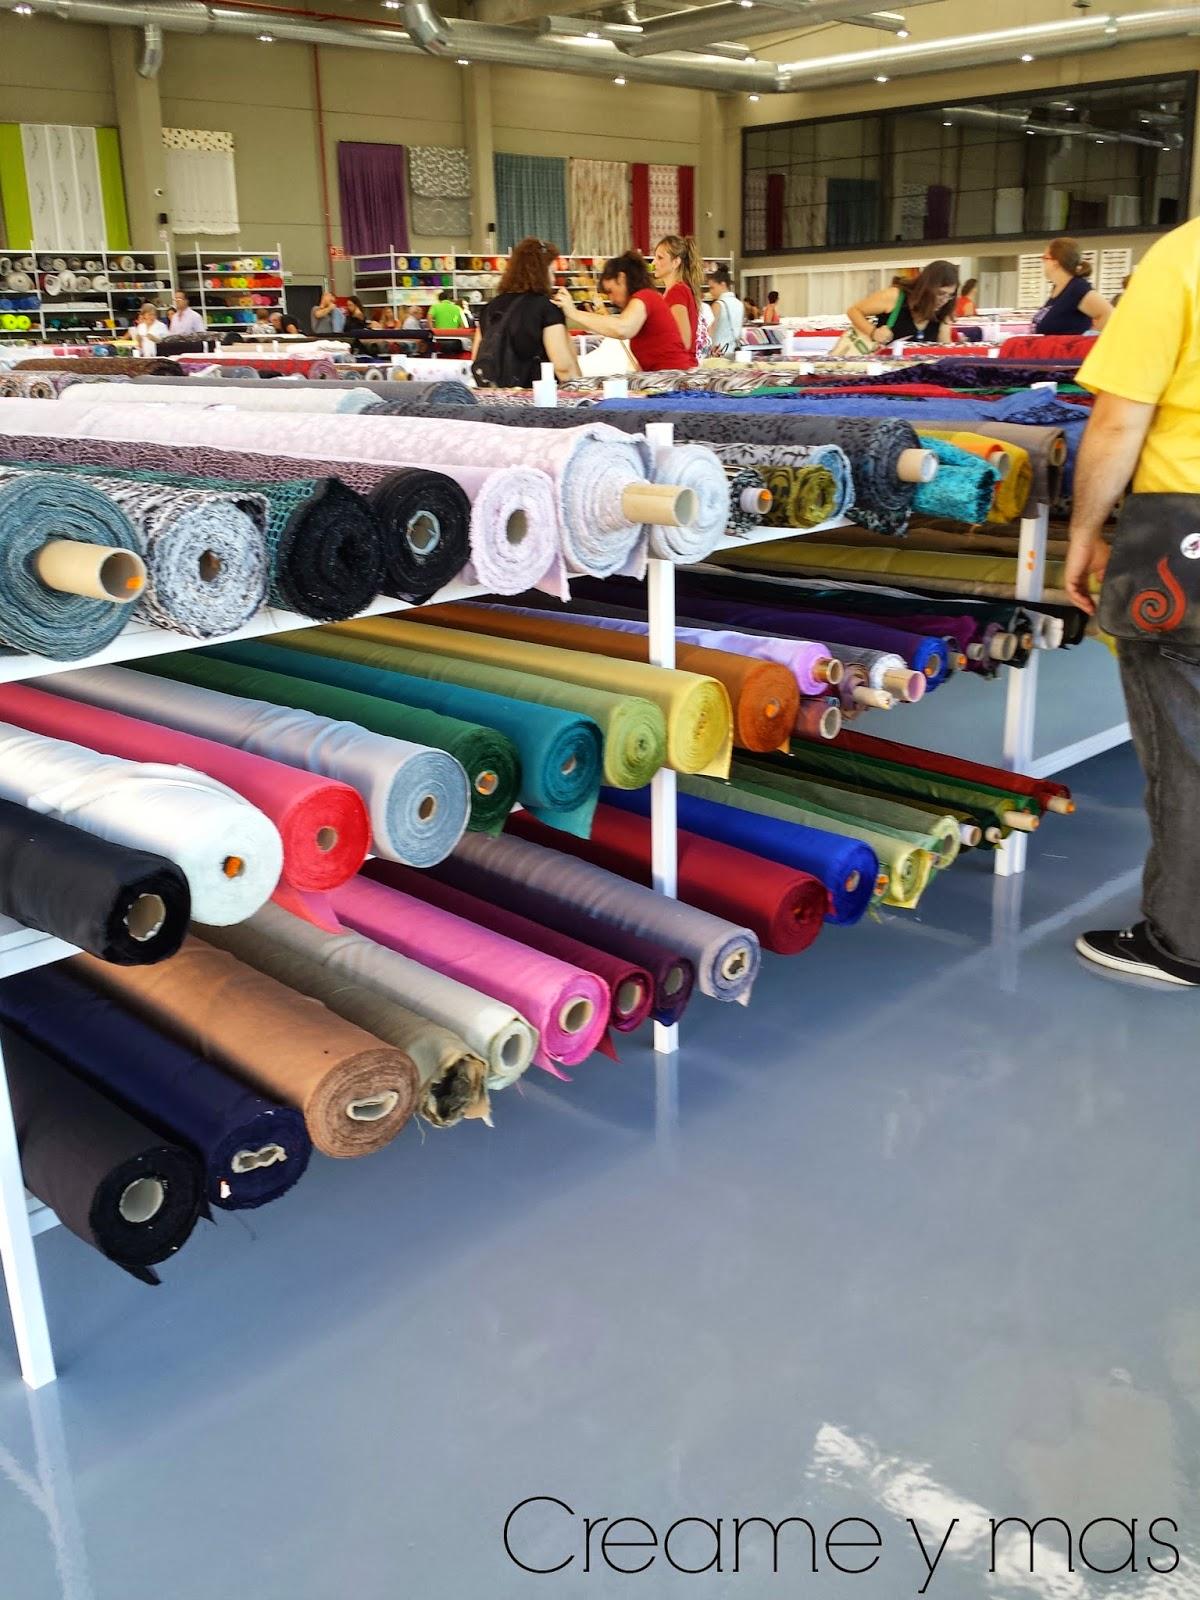 Cuando Voy A Una Tienda Lo Que Más Me Gusta Ver Son Los Colores Y Texturas,  Por Eso No Me Pude Ir Sin Hacerle Una Foto A Los Rollos De Fieltro.